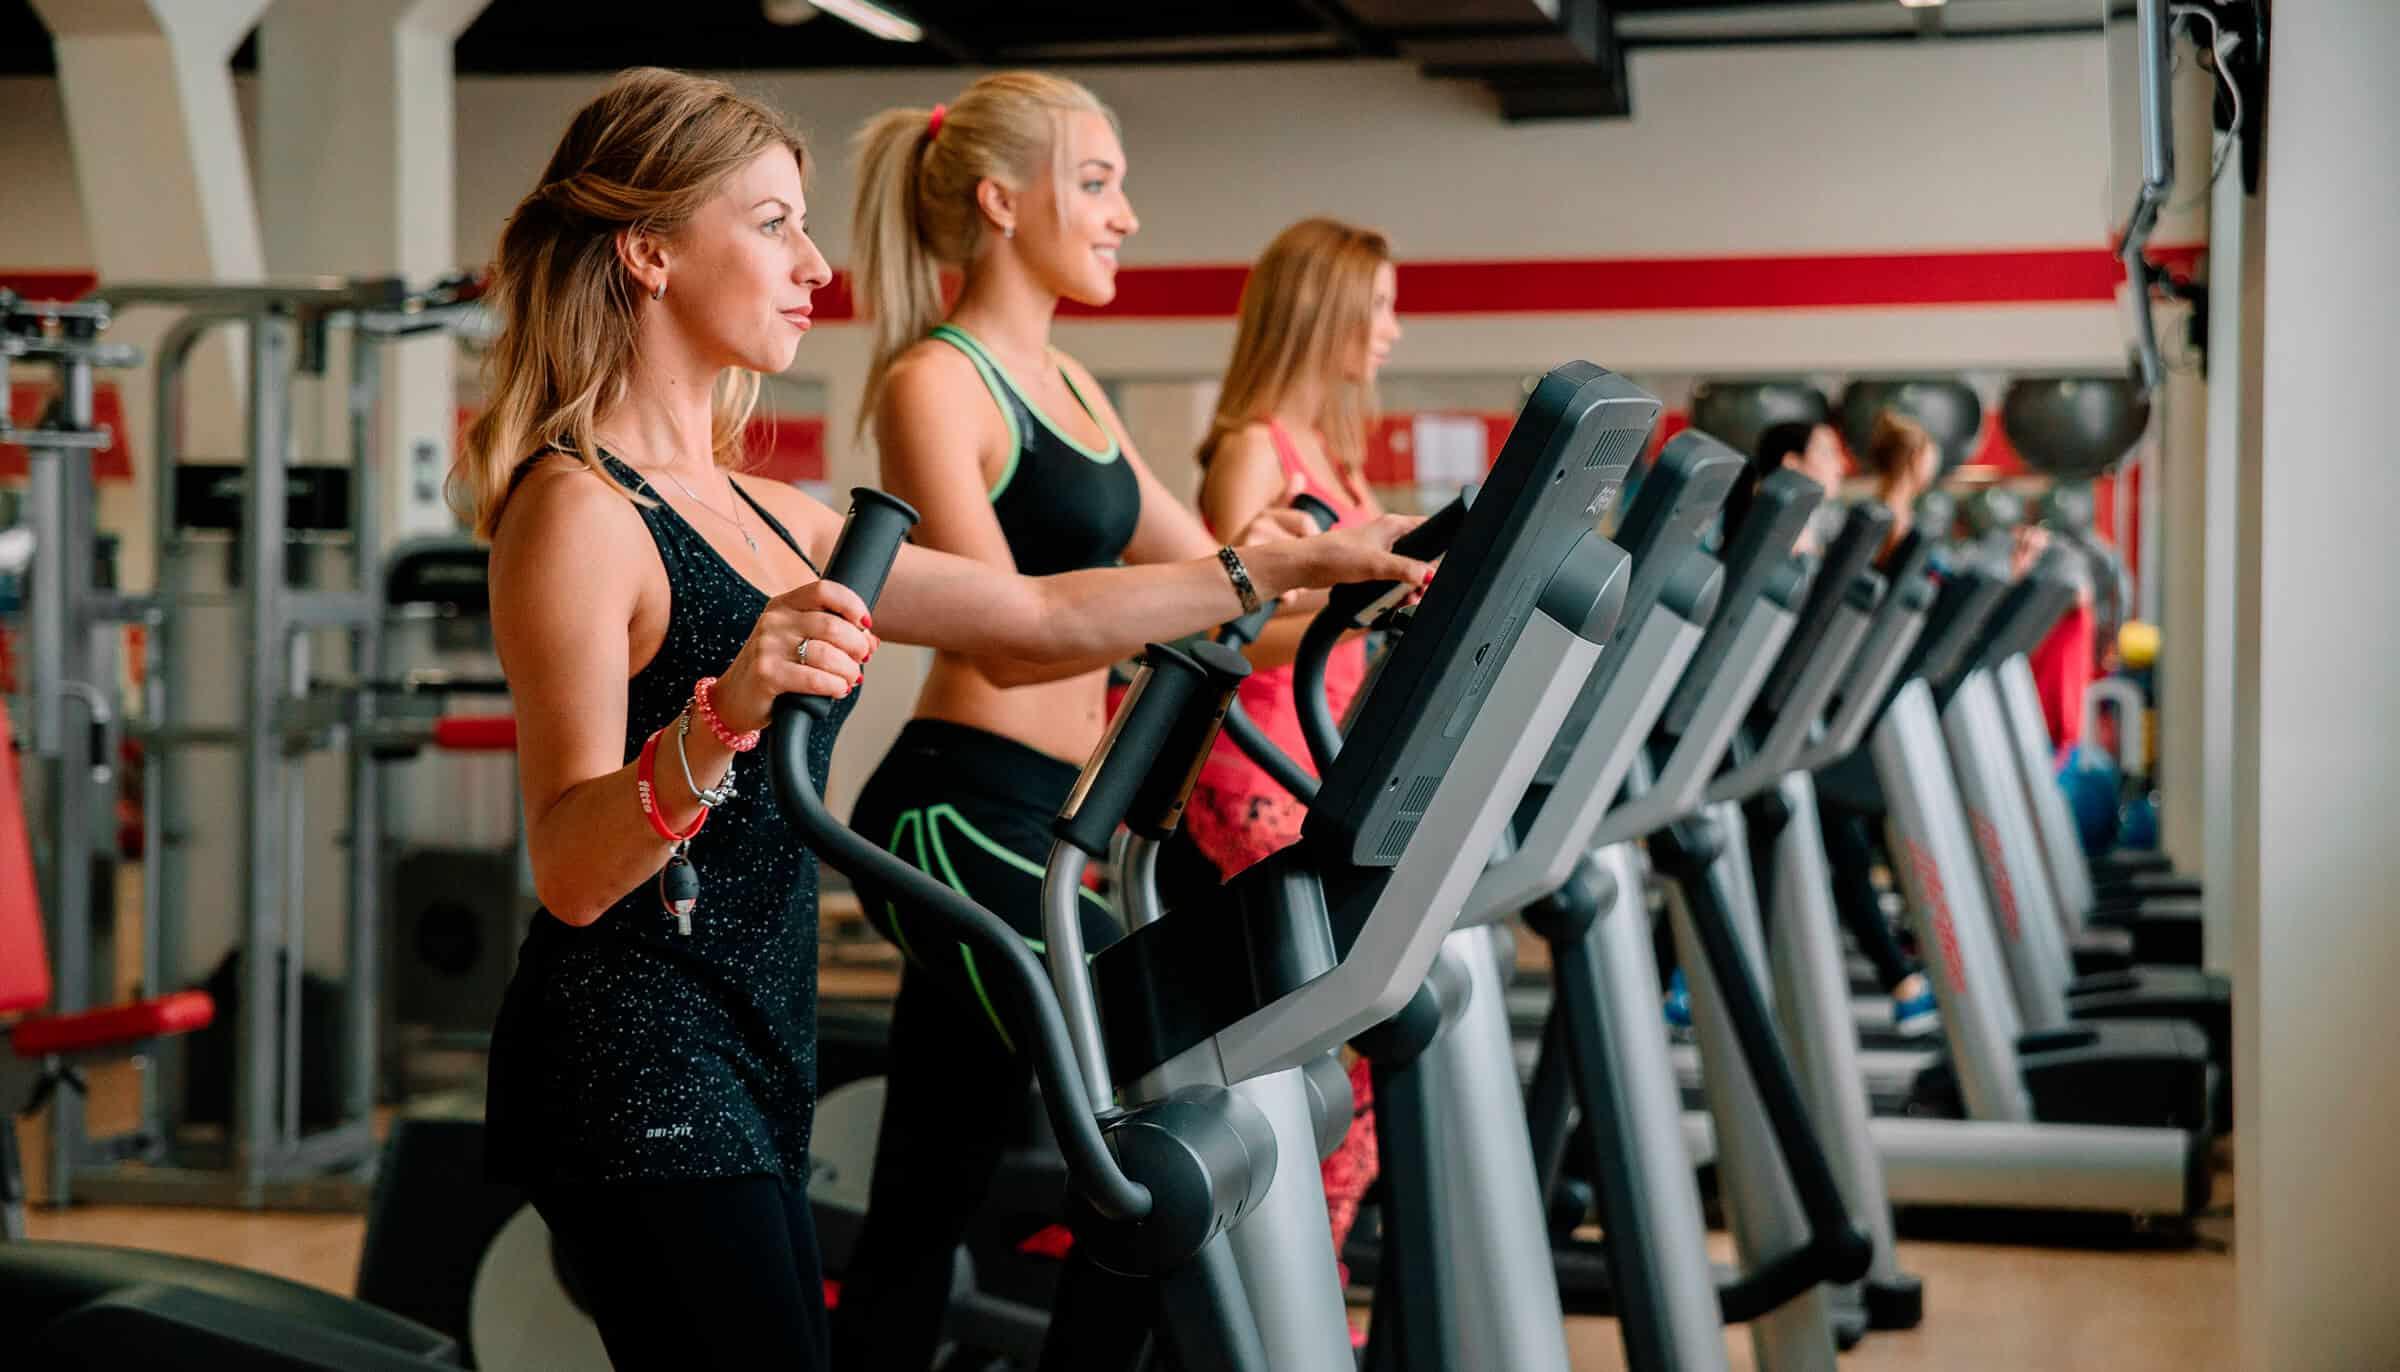 Фитнес центр группа для похудения